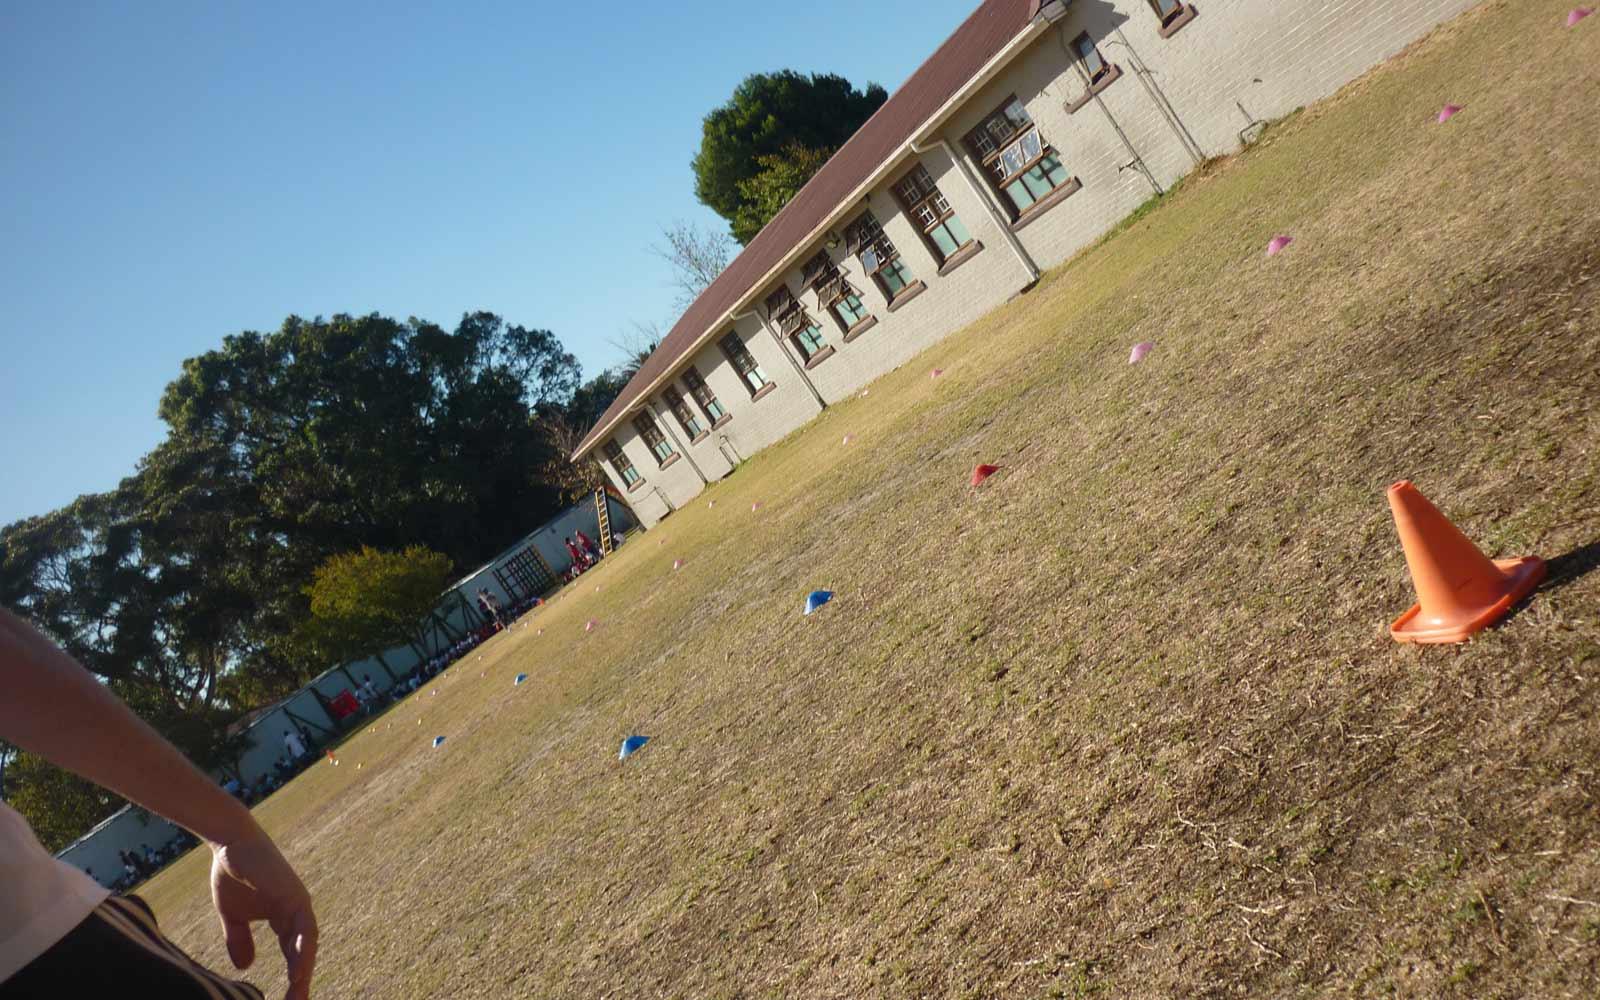 Freiwilligenarbeit Südafrika: Blick auf ein Fußballfeld an einer Schule